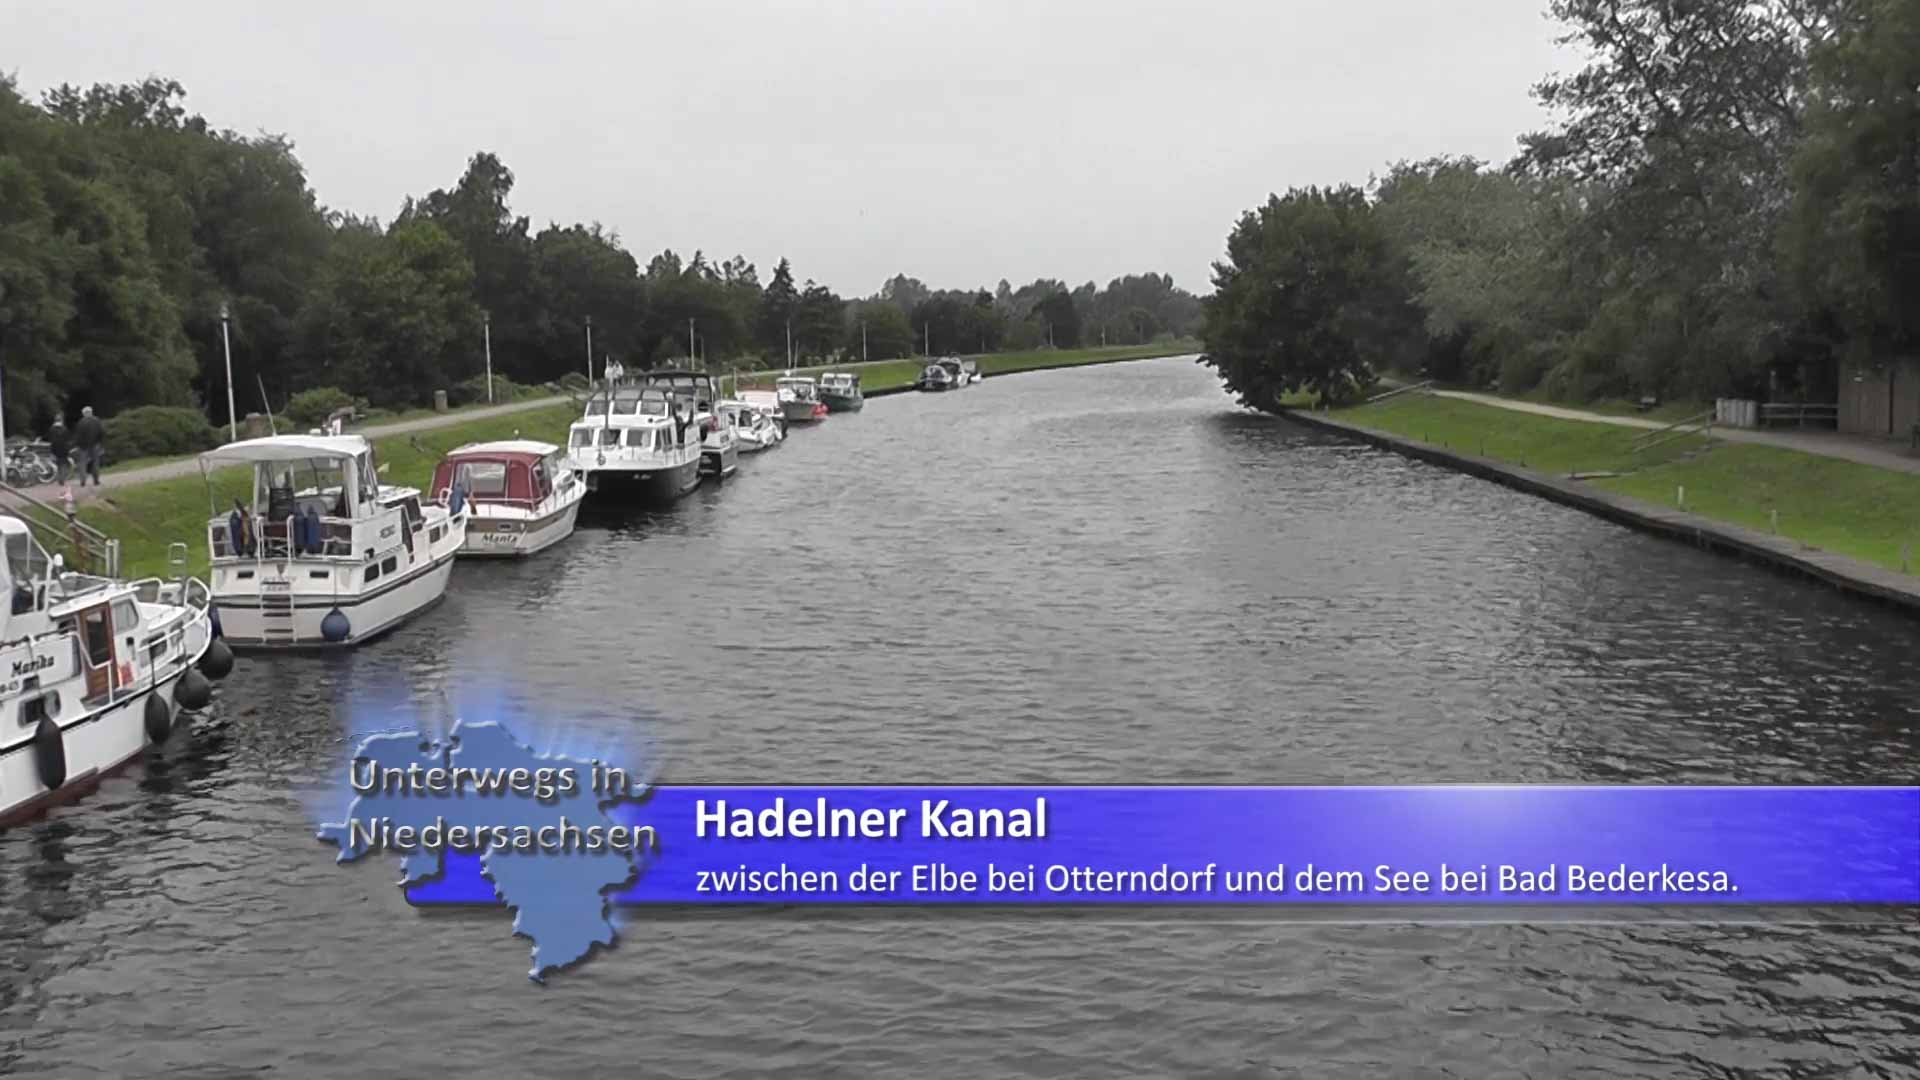 Hadelner Kanal